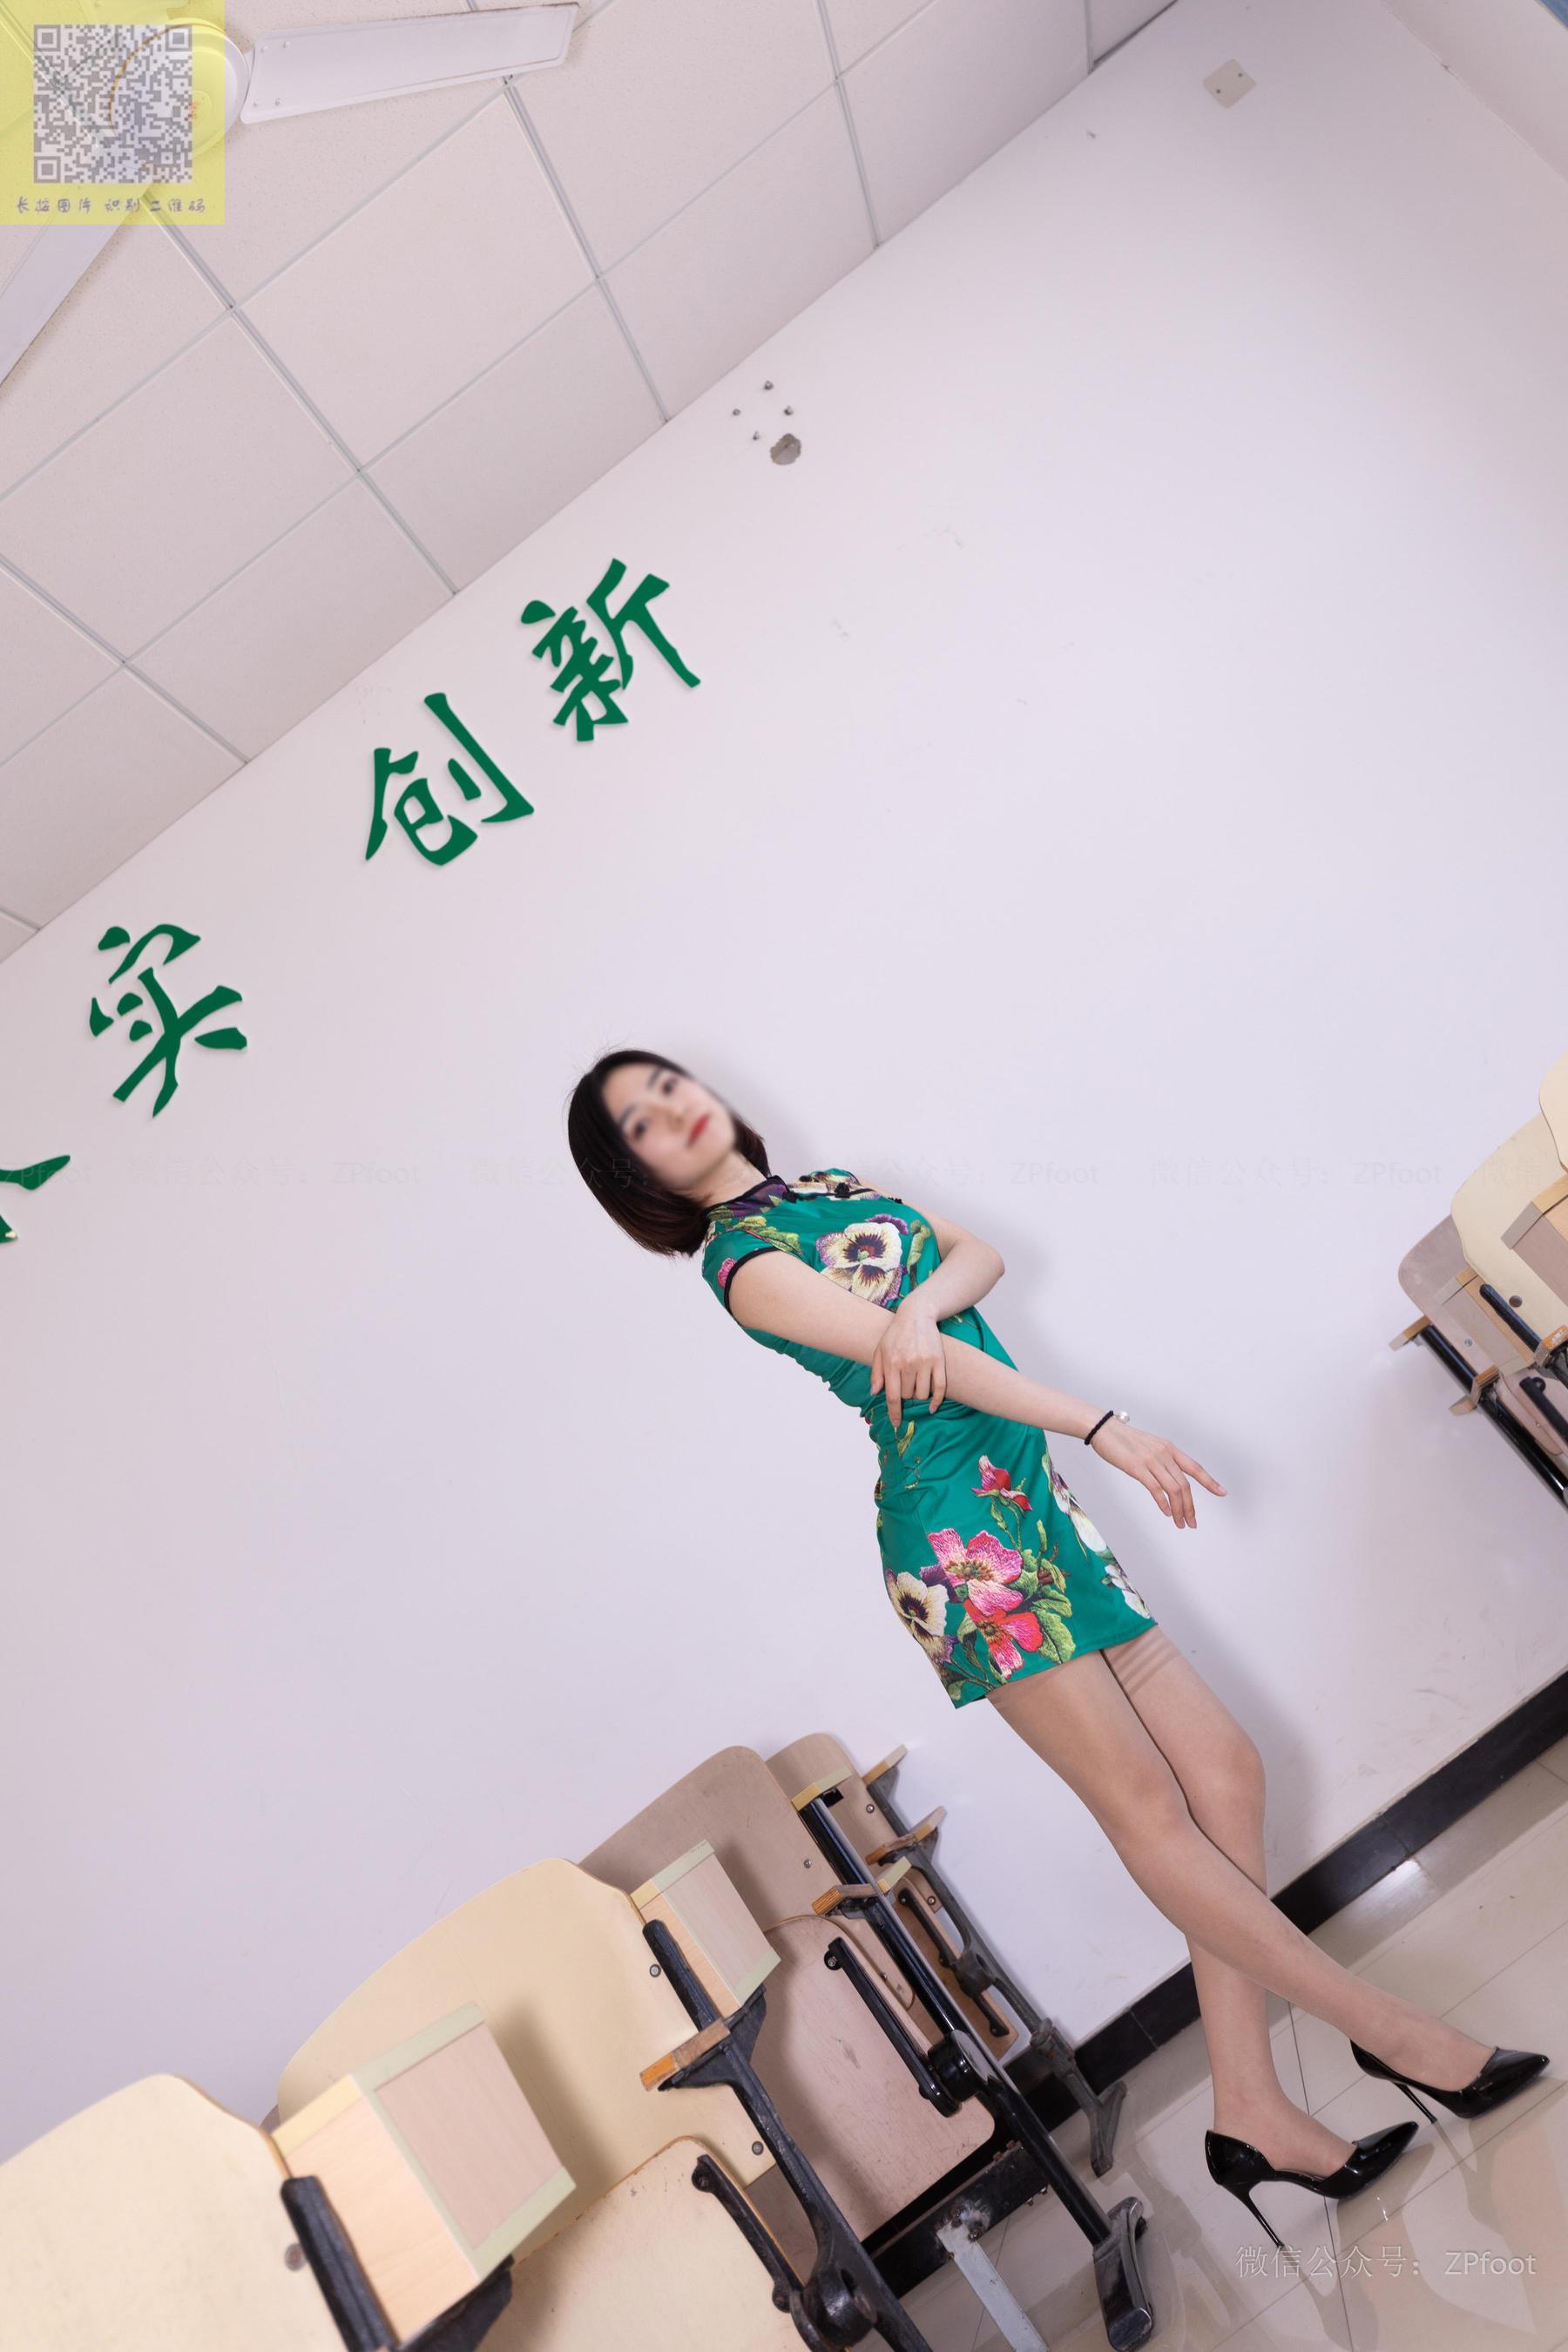 图片[11] - [山茶摄影LSS] NO.089 小阳阳的旗袍筒袜 写真套图[99P] - 唯独你没懂